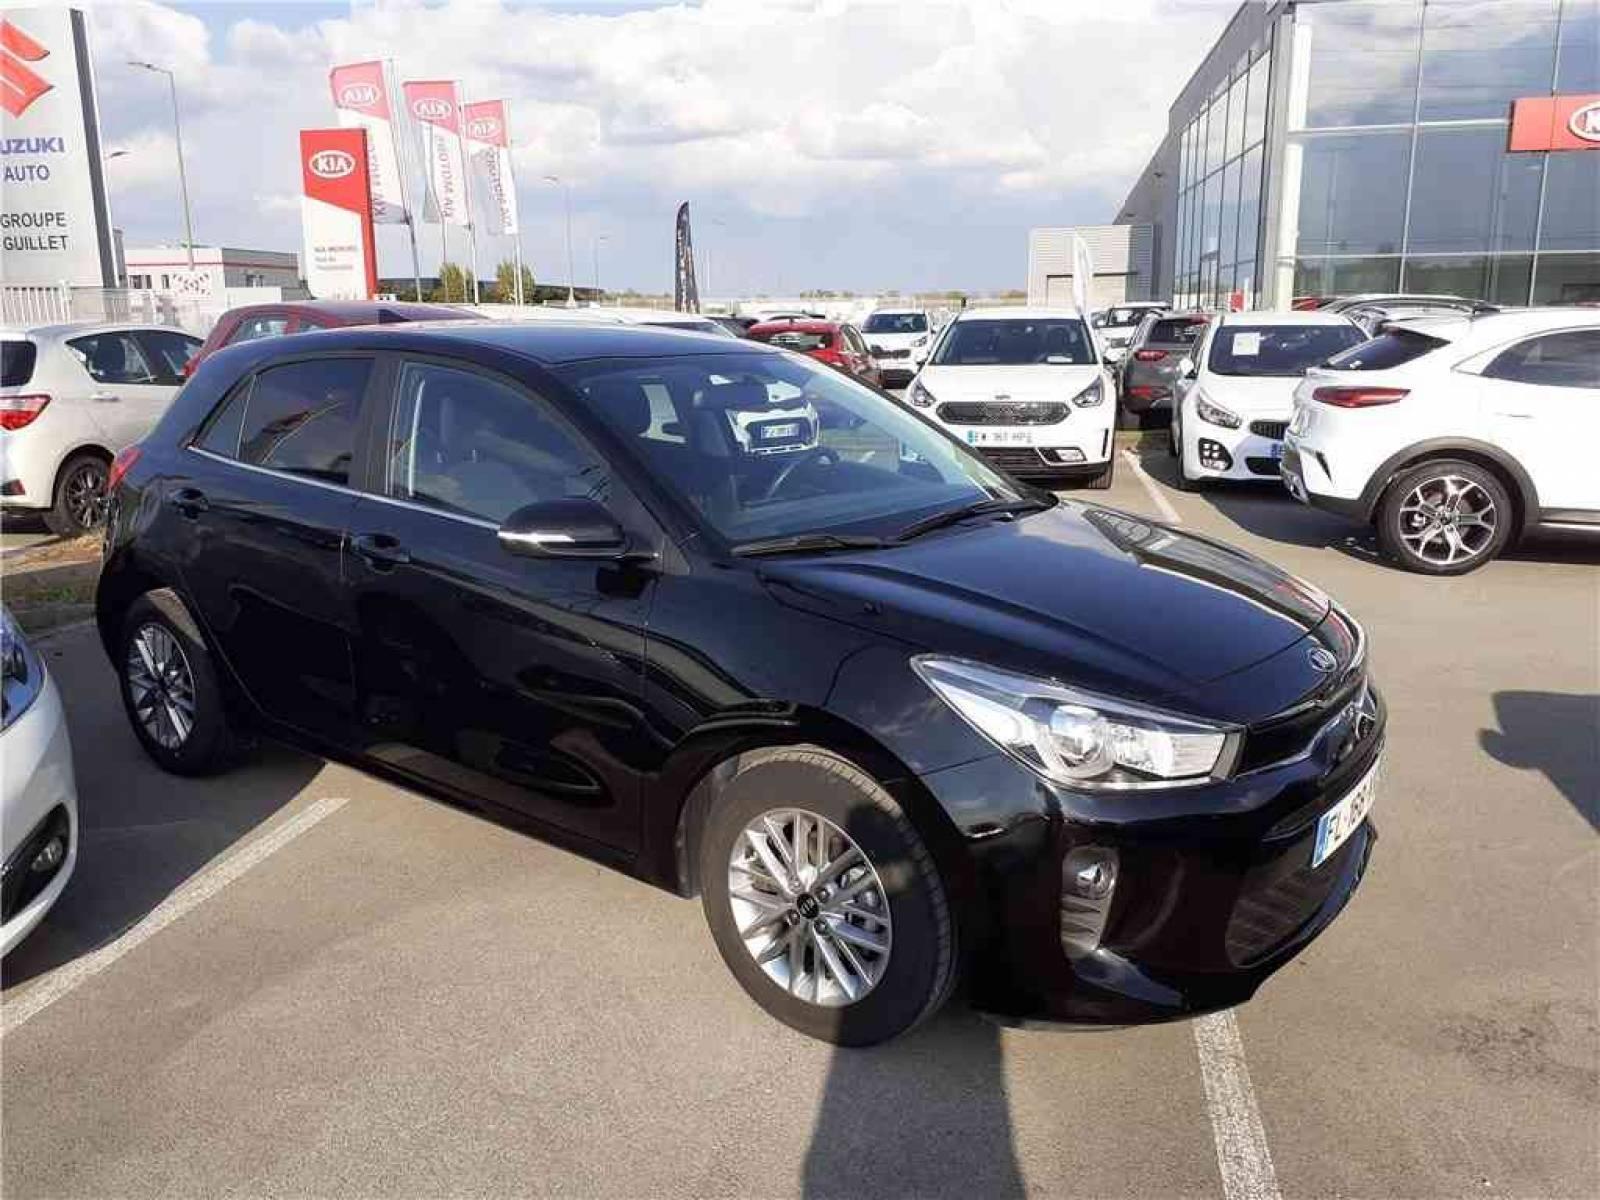 KIA Rio 1.2L 84 ch ISG - véhicule d'occasion - Groupe Guillet - Hall de l'automobile - Chalon sur Saône - 71380 - Saint-Marcel - 3